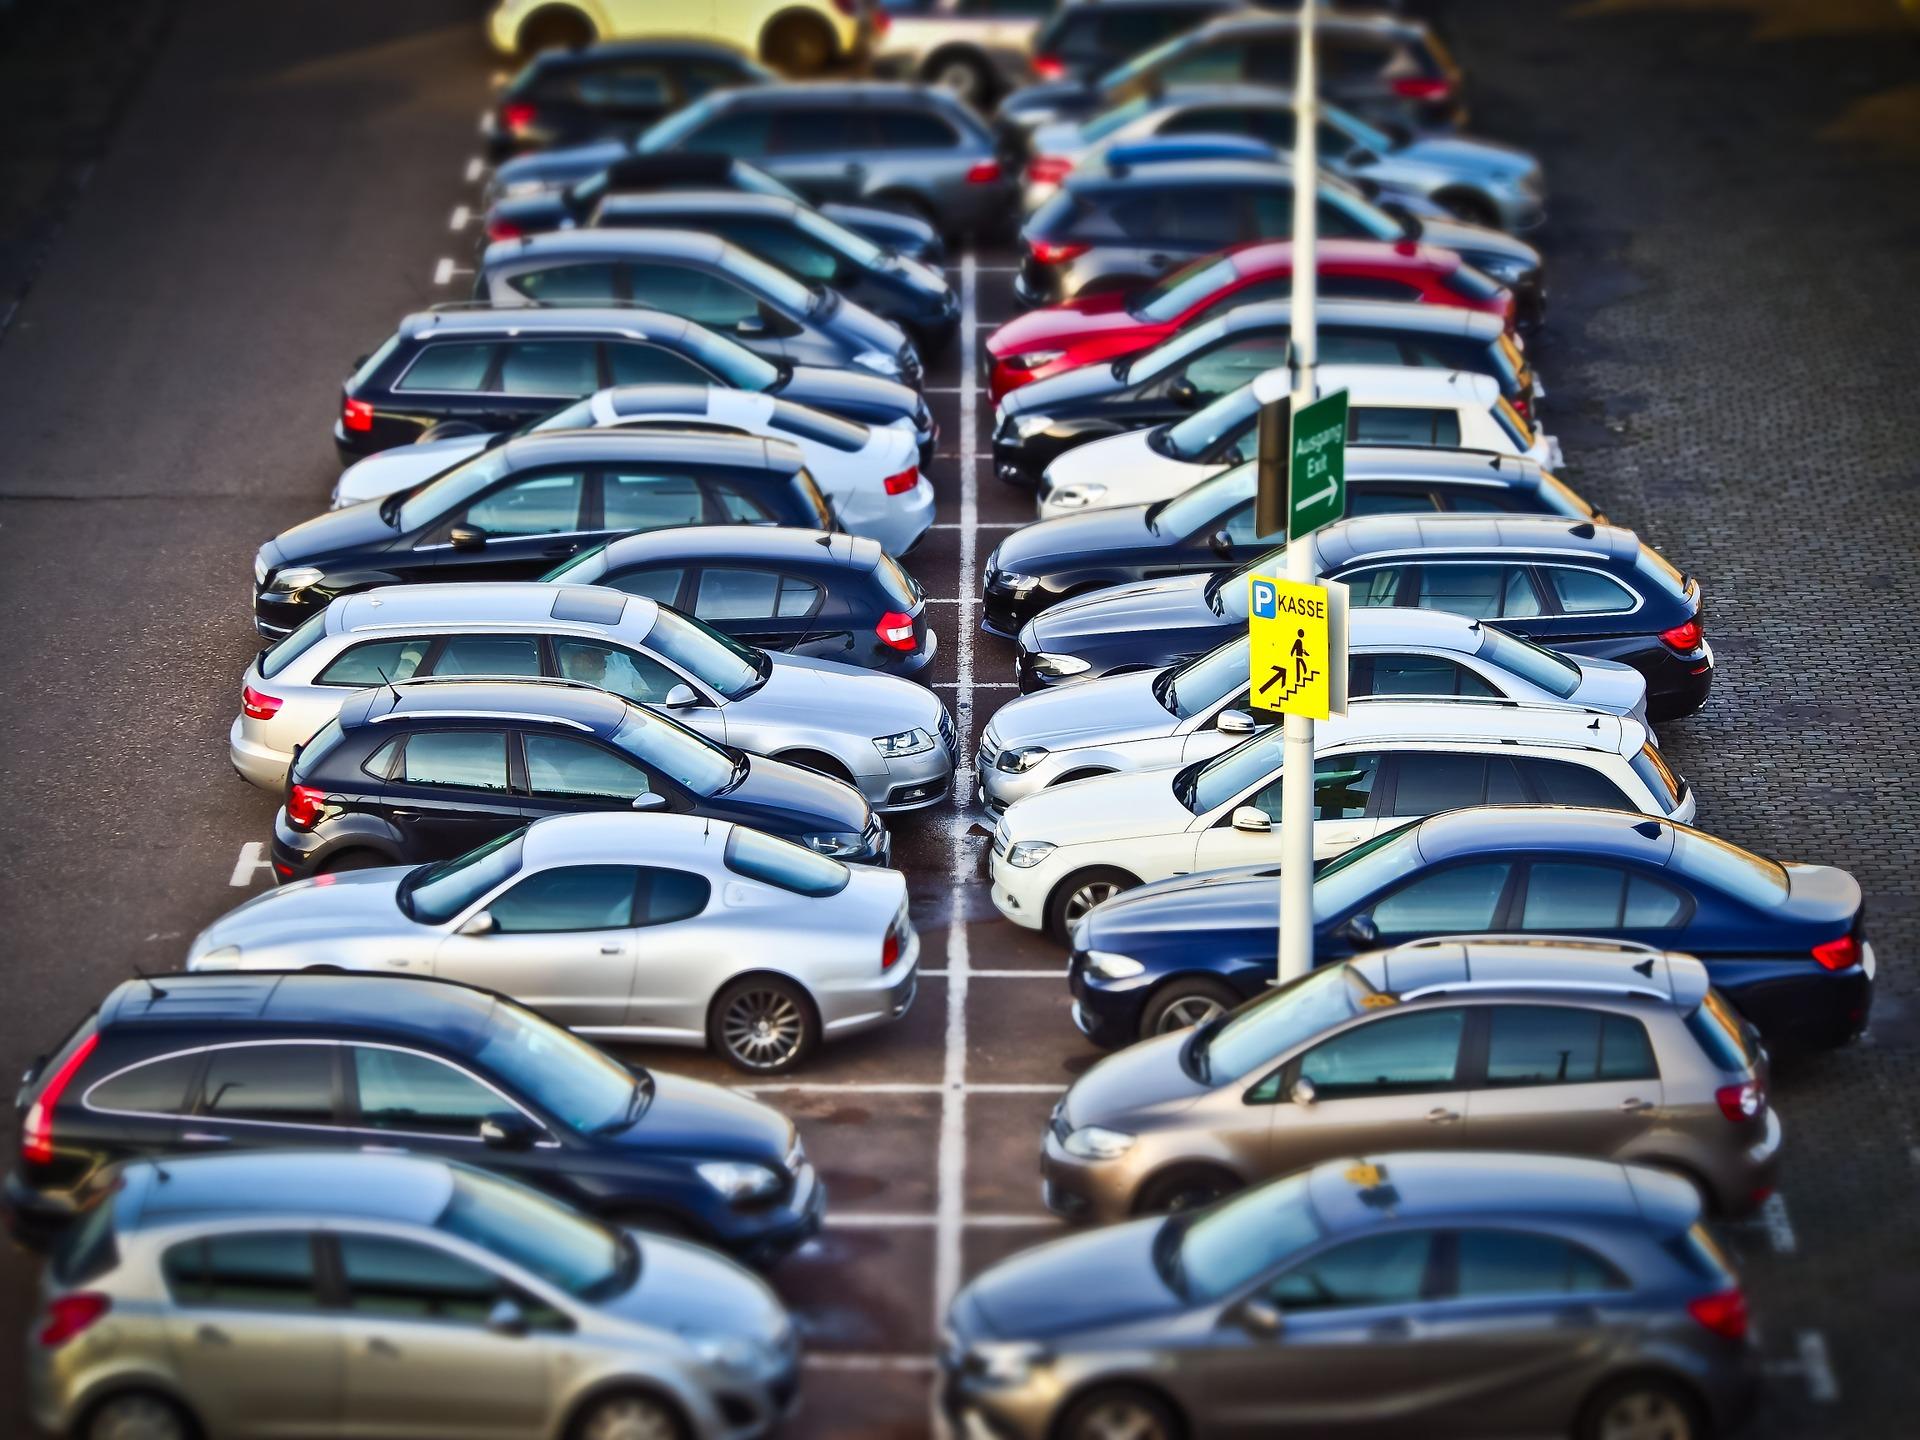 Fuhrpark auflösen - Gebrauchtwagen optimal verkaufen